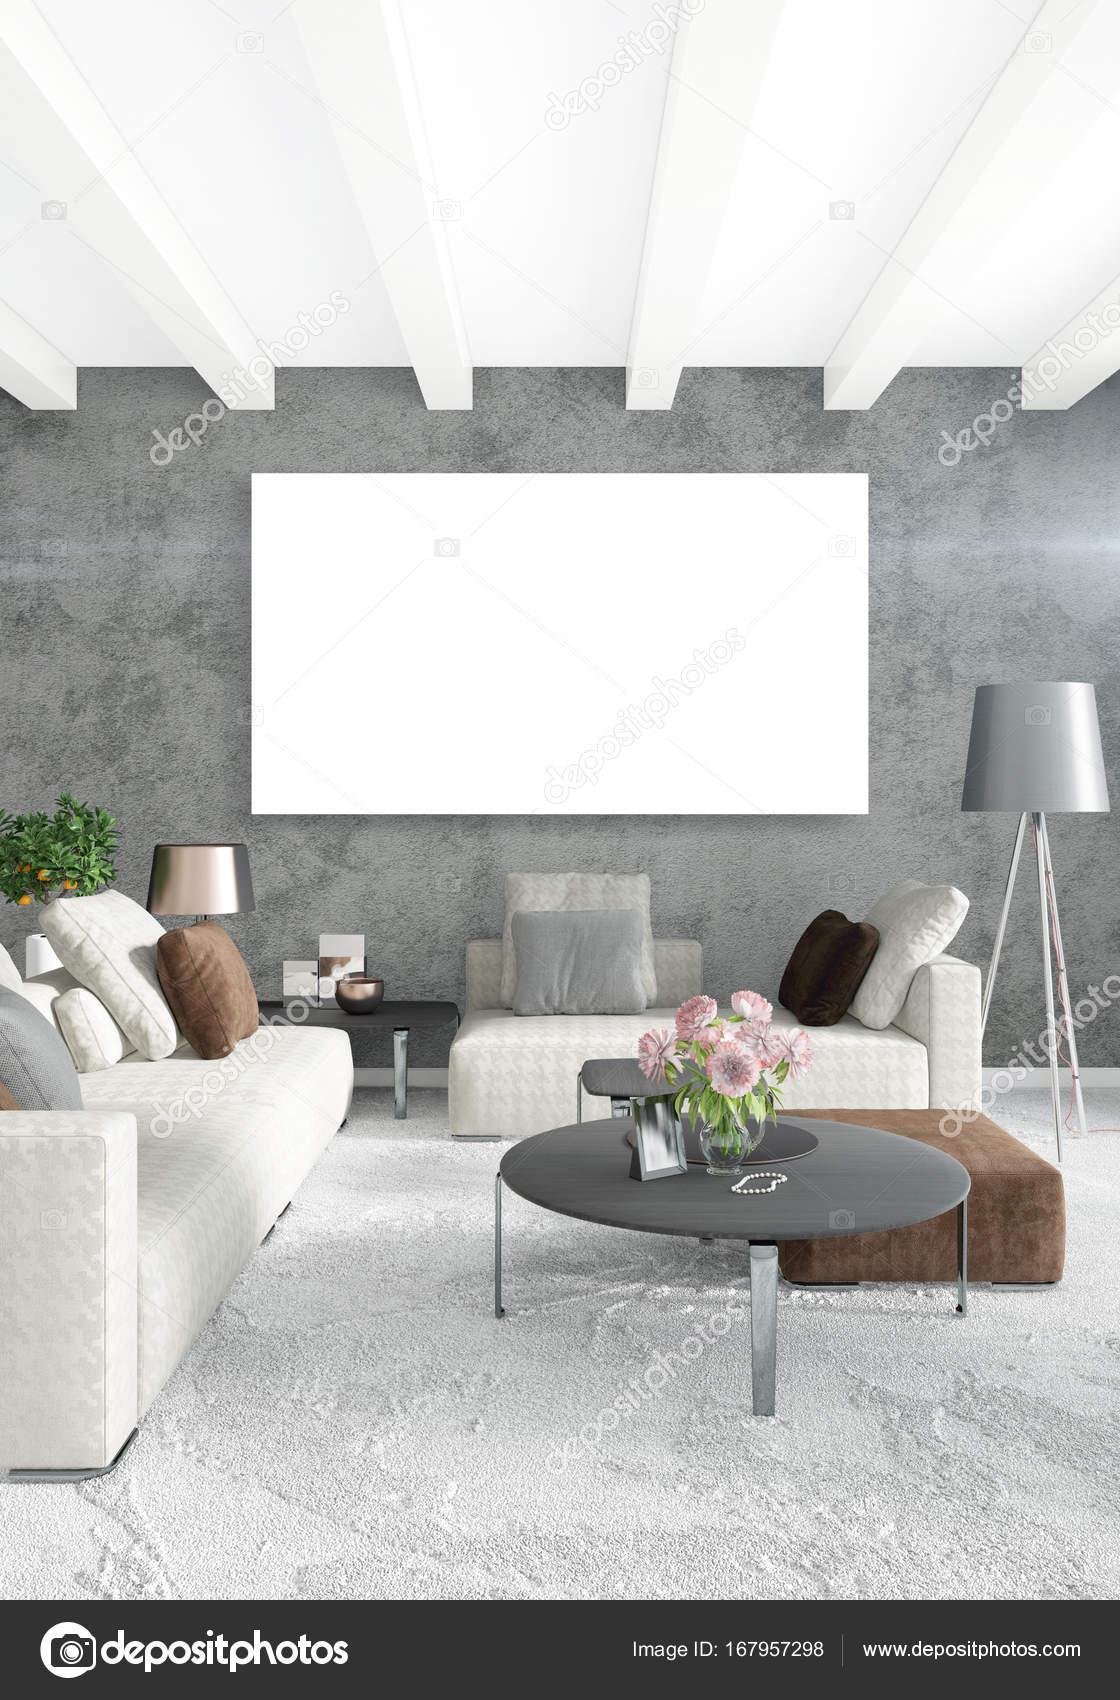 Weiße Schlafzimmer oder Wohnzimmer Minimalstil Interior Design mit ...